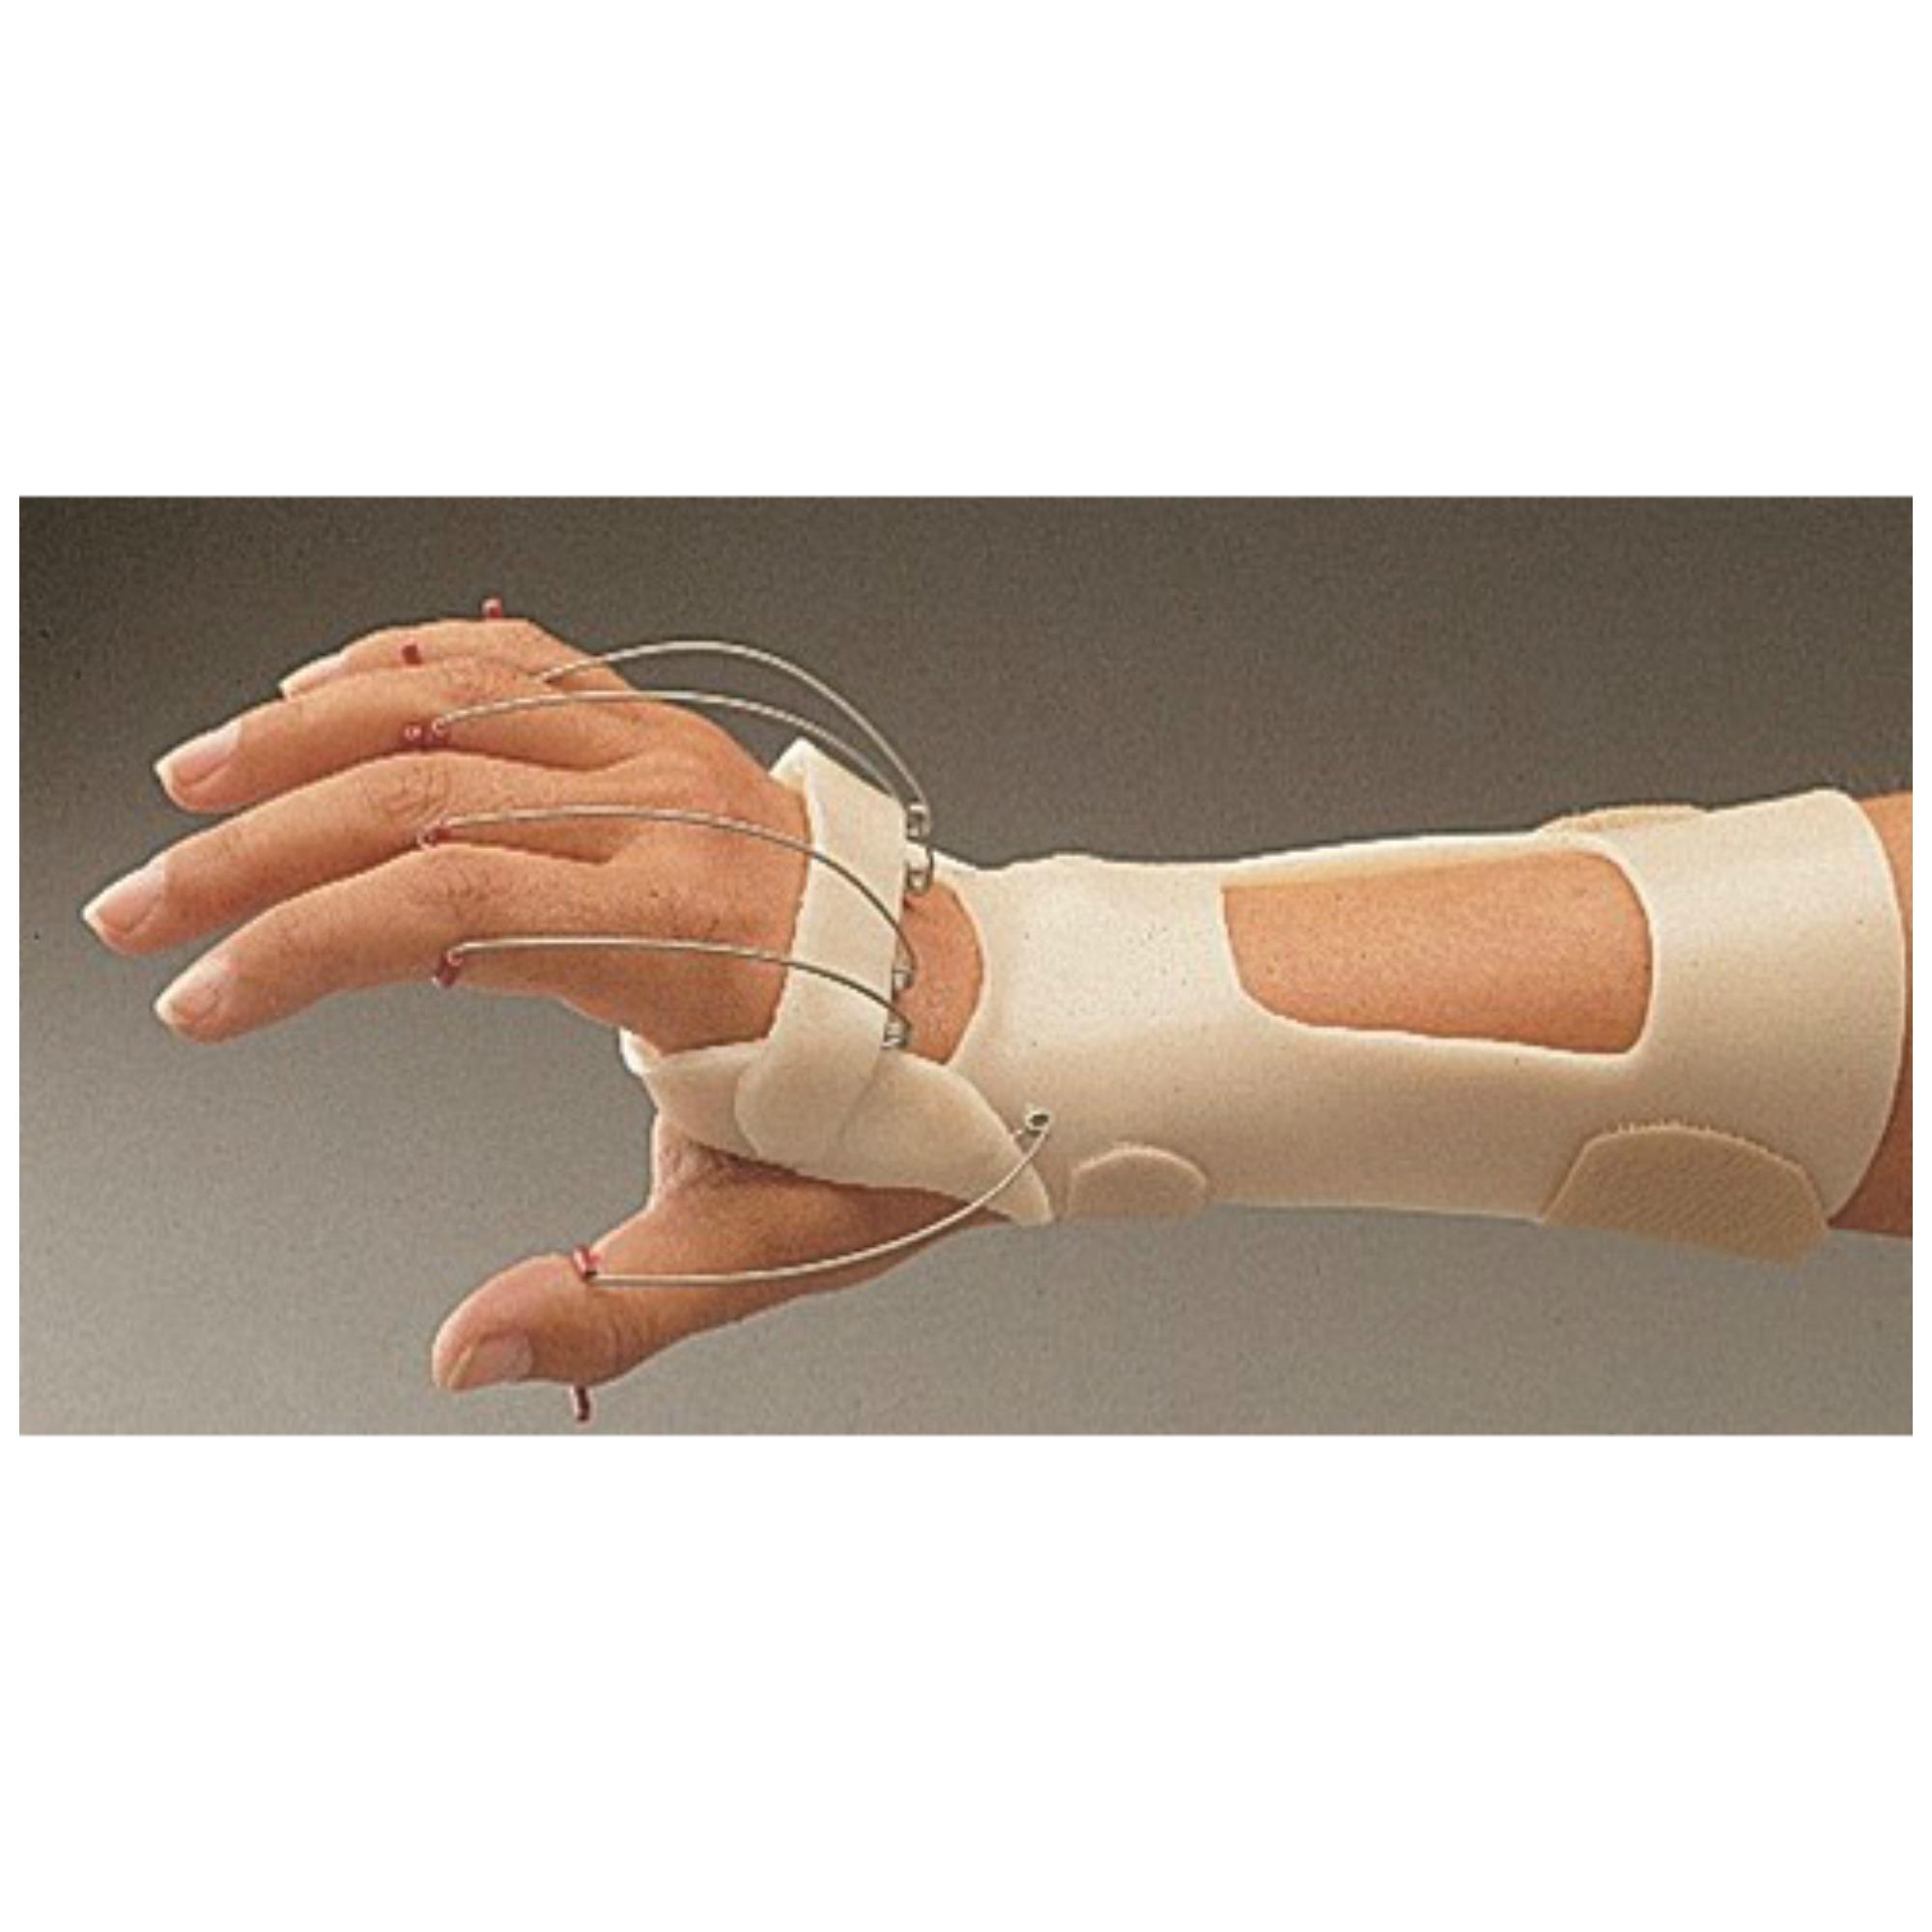 hüvelykujj ízületi fájdalom esés után